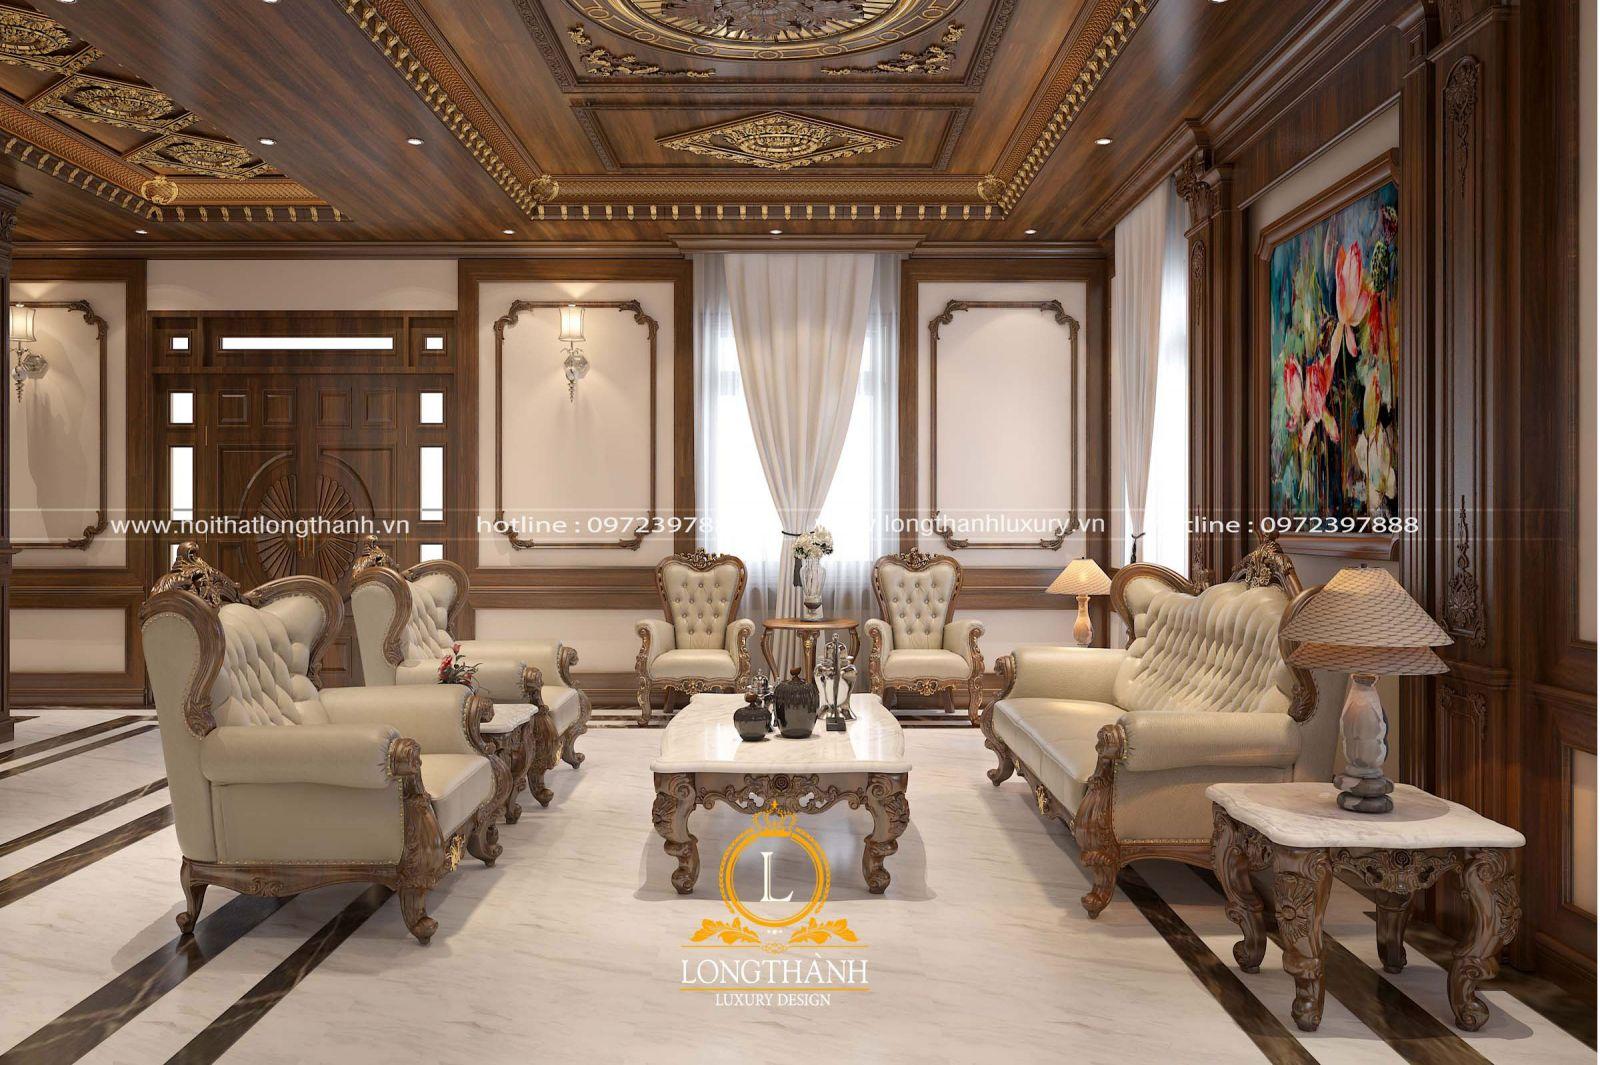 Căn phòng khách tân cổ điển được trang trí đơn giản và tinh tế